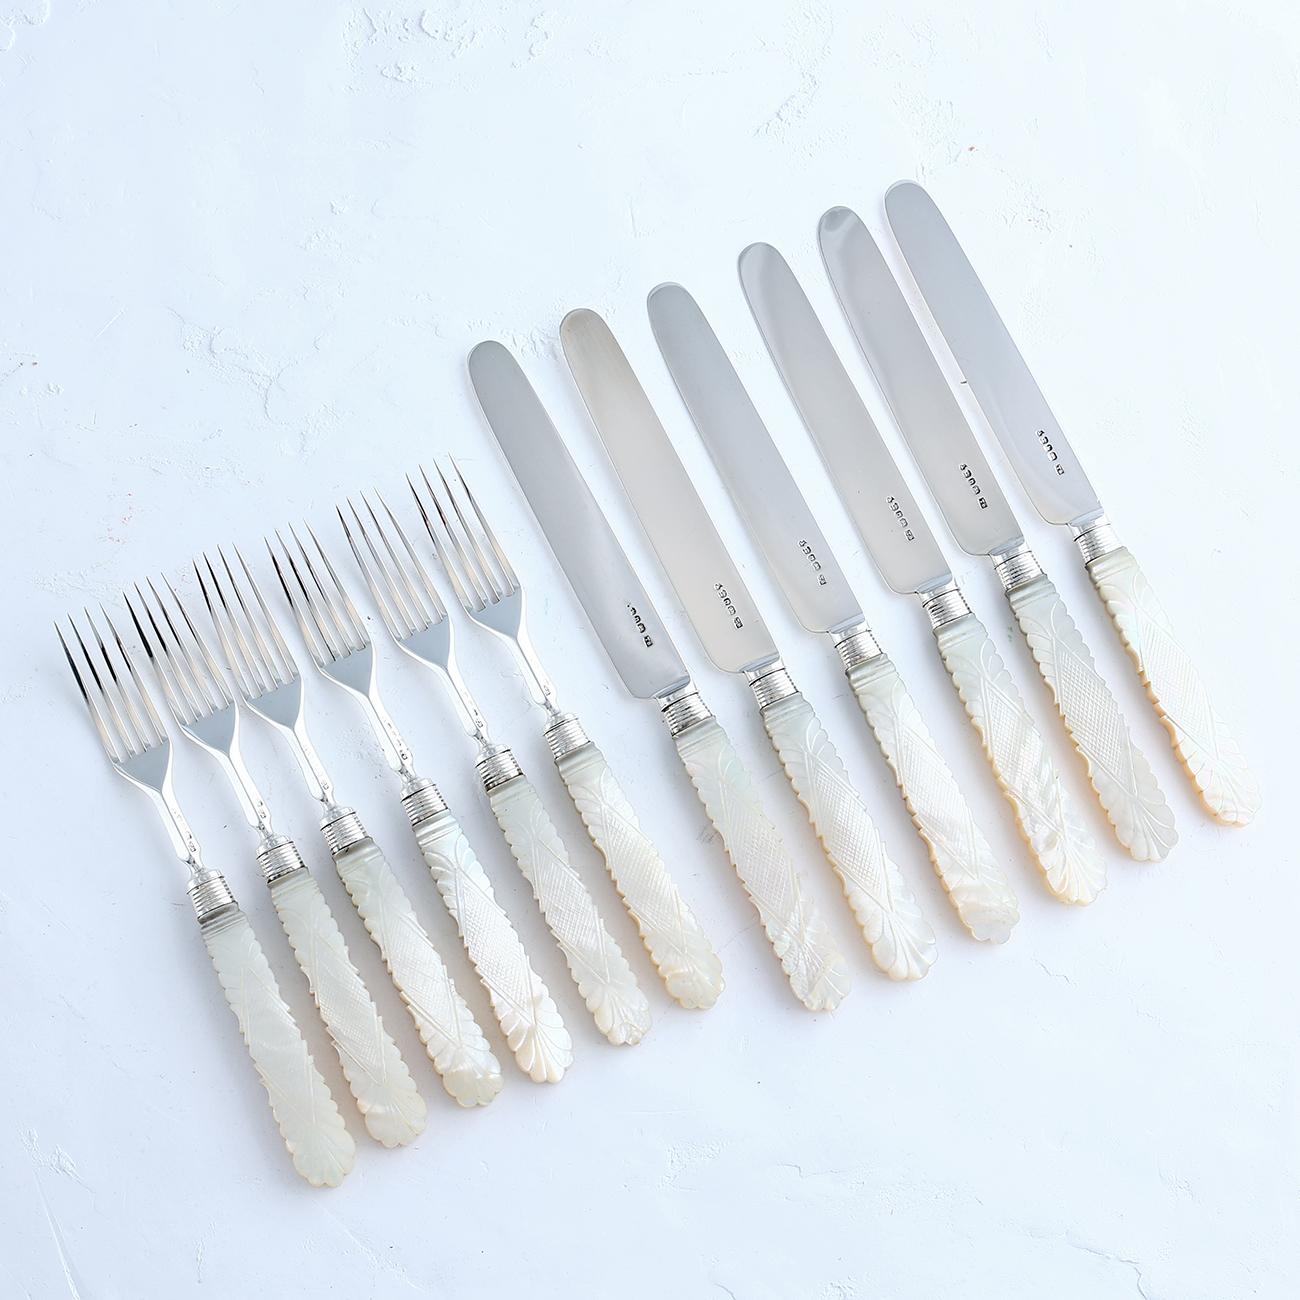 純銀とマザー・オブ・パールのナイフ&フォーク 6セット12ピース トーマス・サムソン・アンド・ソン社 箱付き 1830年代 シェフィールド 英国王室御用達